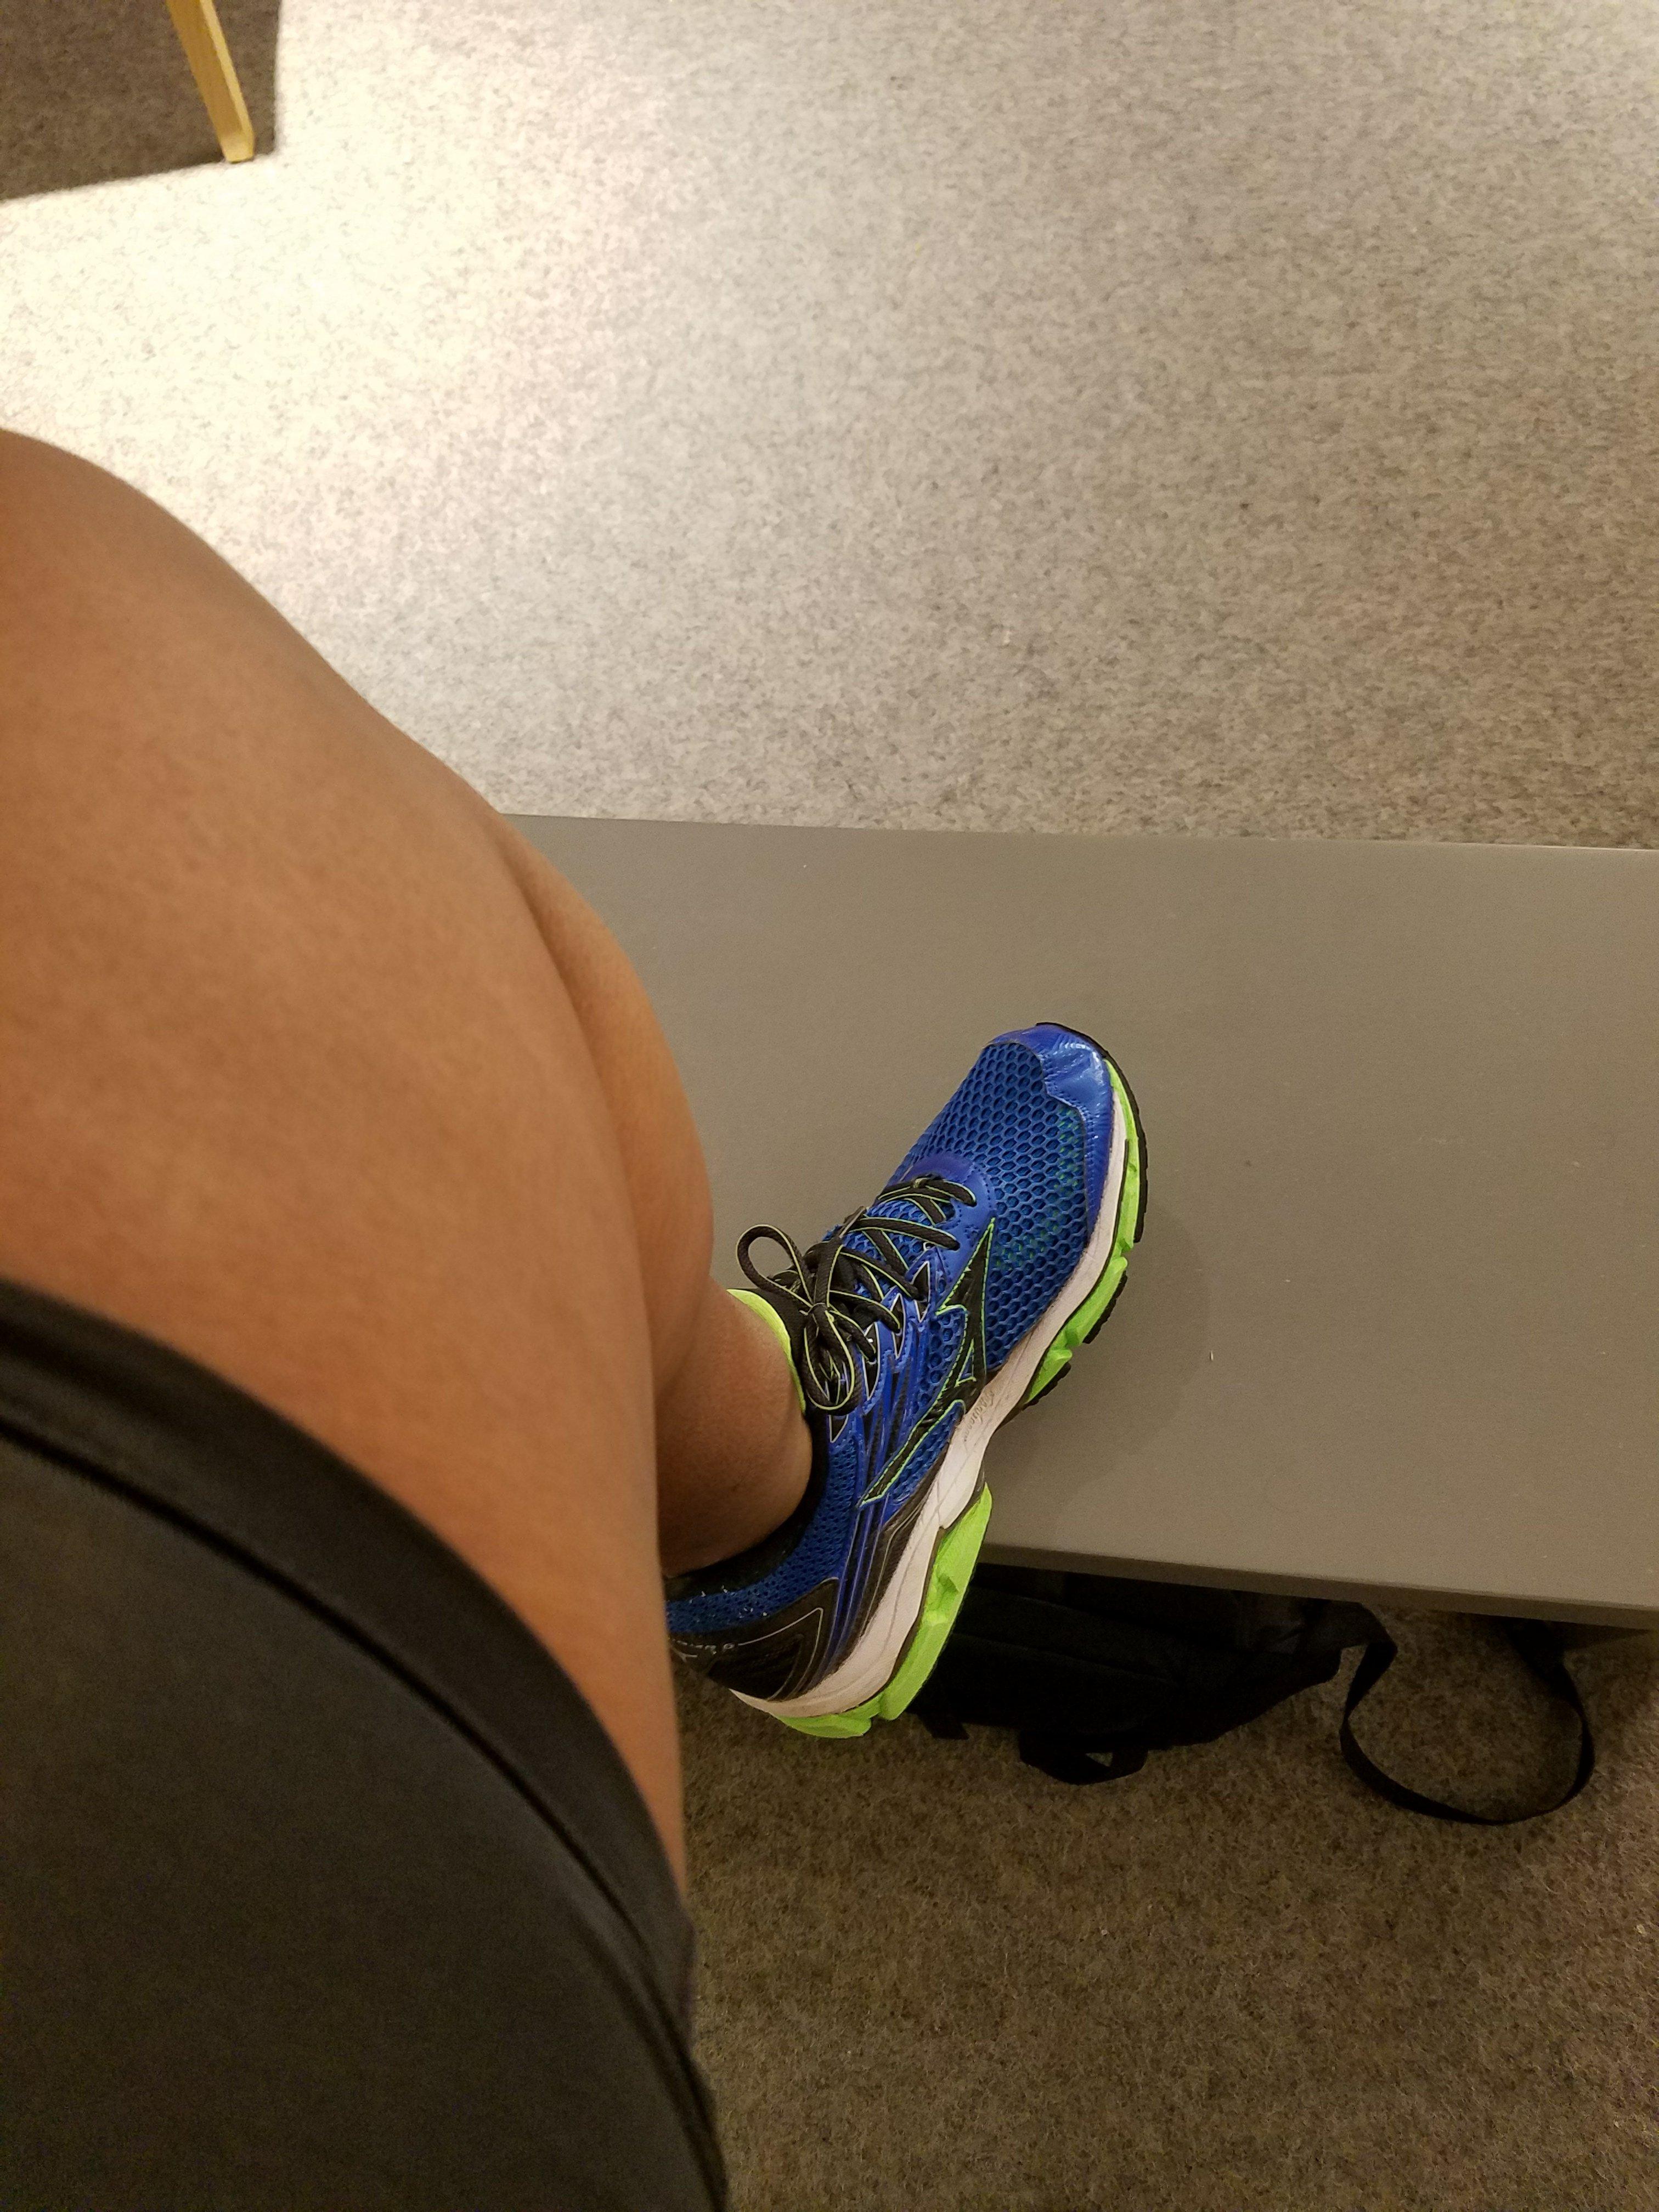 shorts and mizunos under work wear grd 1718077931.